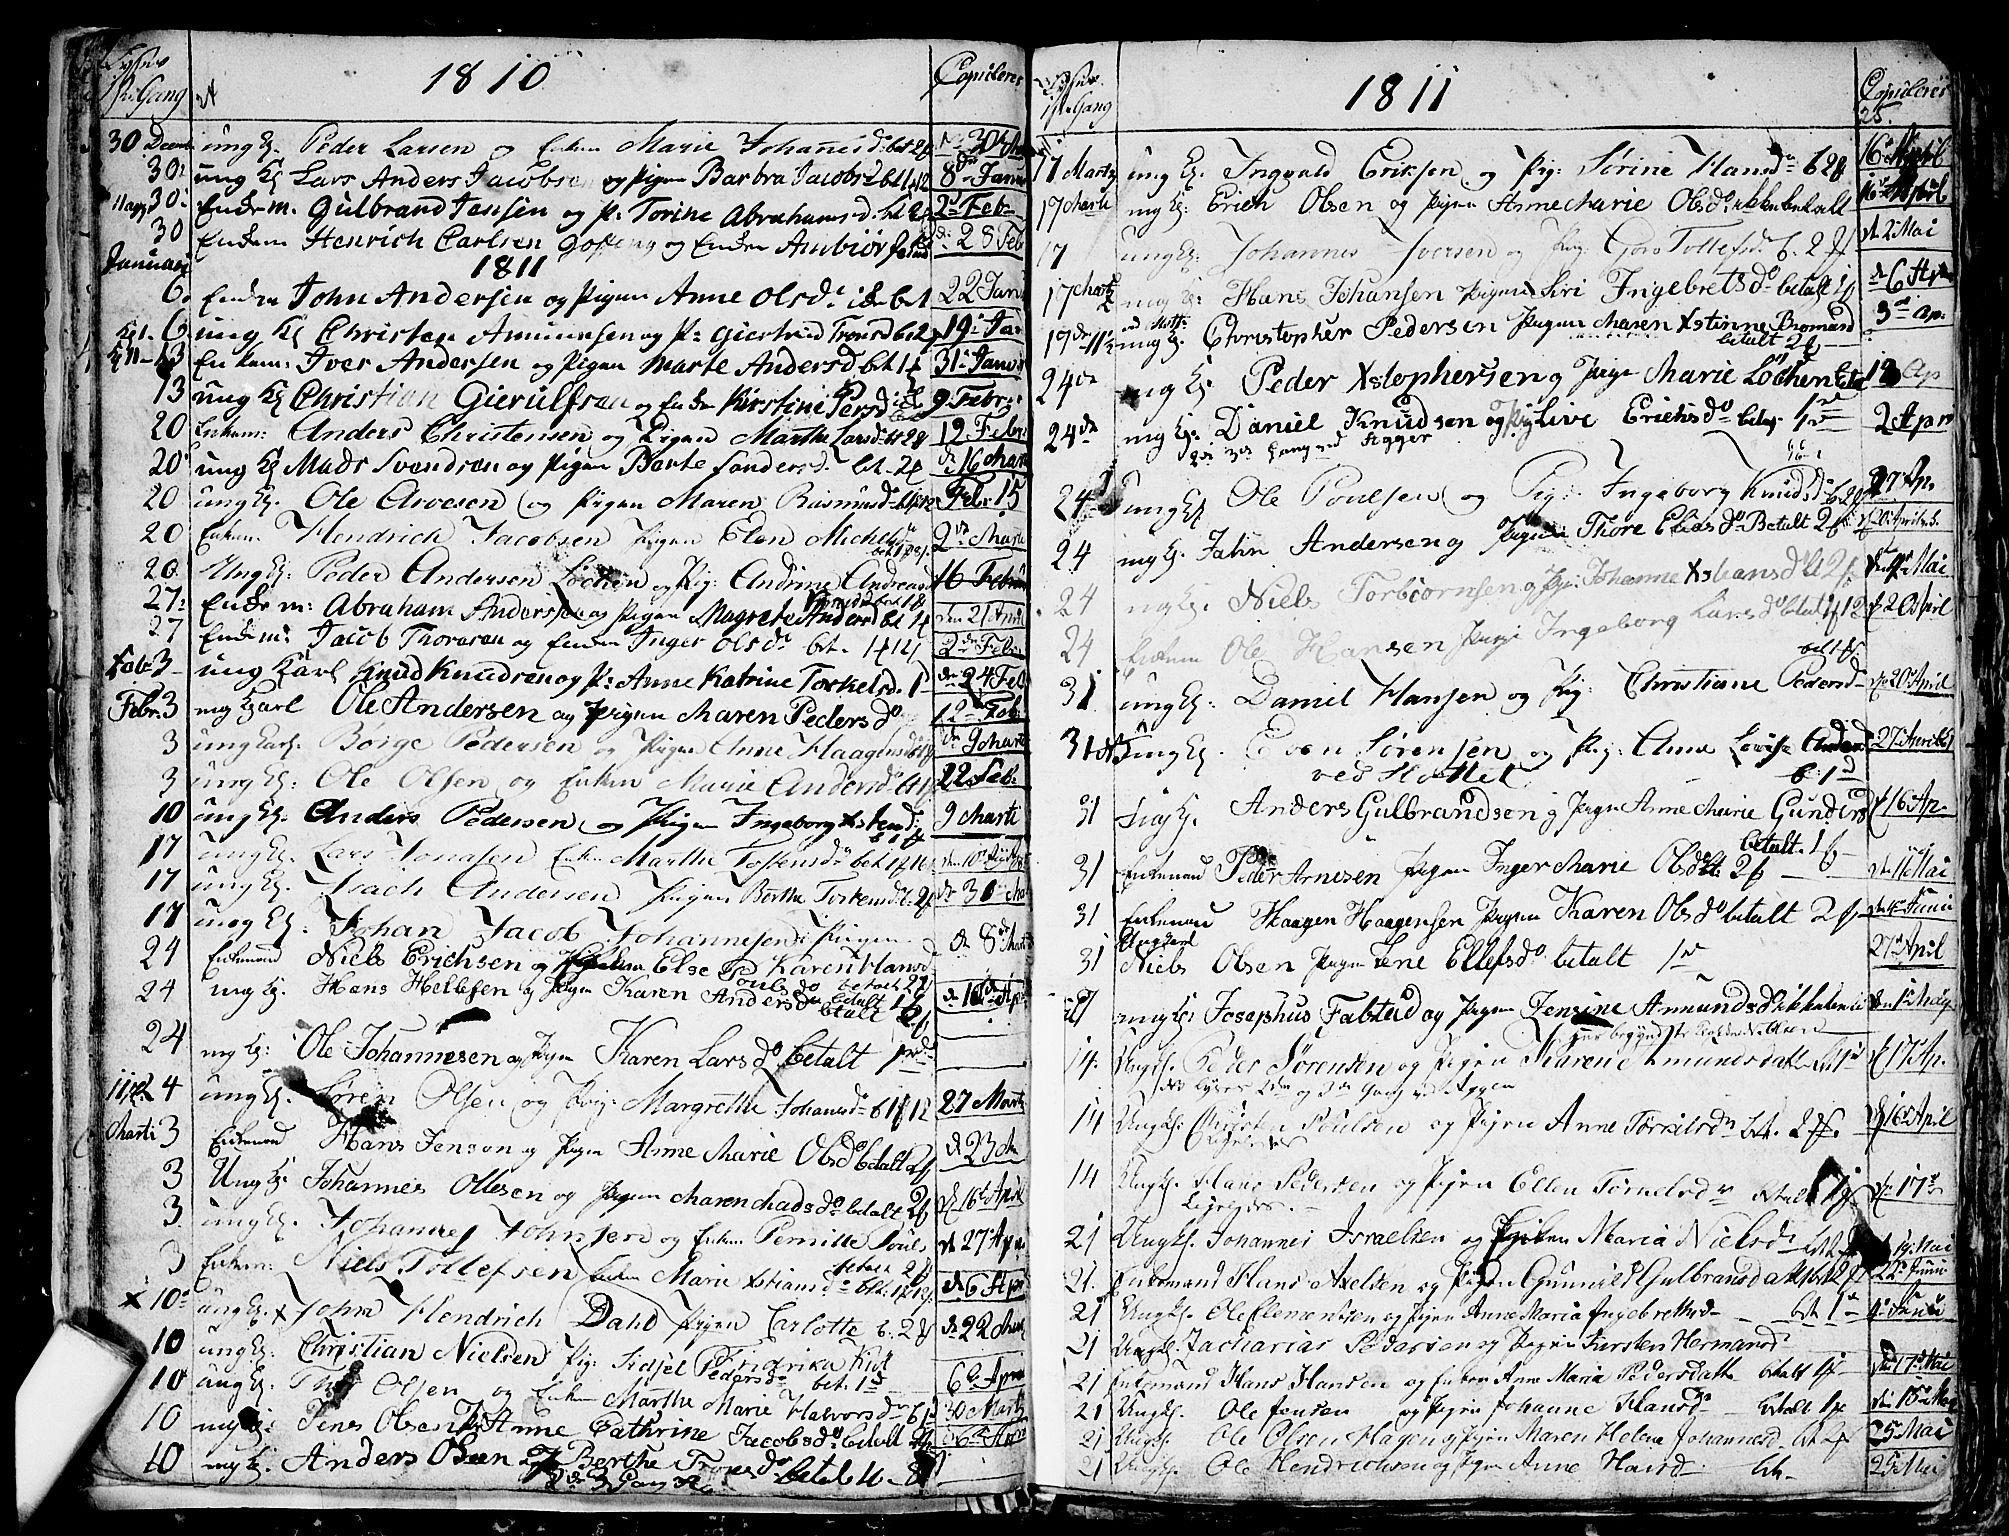 SAO, Aker prestekontor kirkebøker, G/L0001: Klokkerbok nr. 1, 1796-1826, s. 24-25